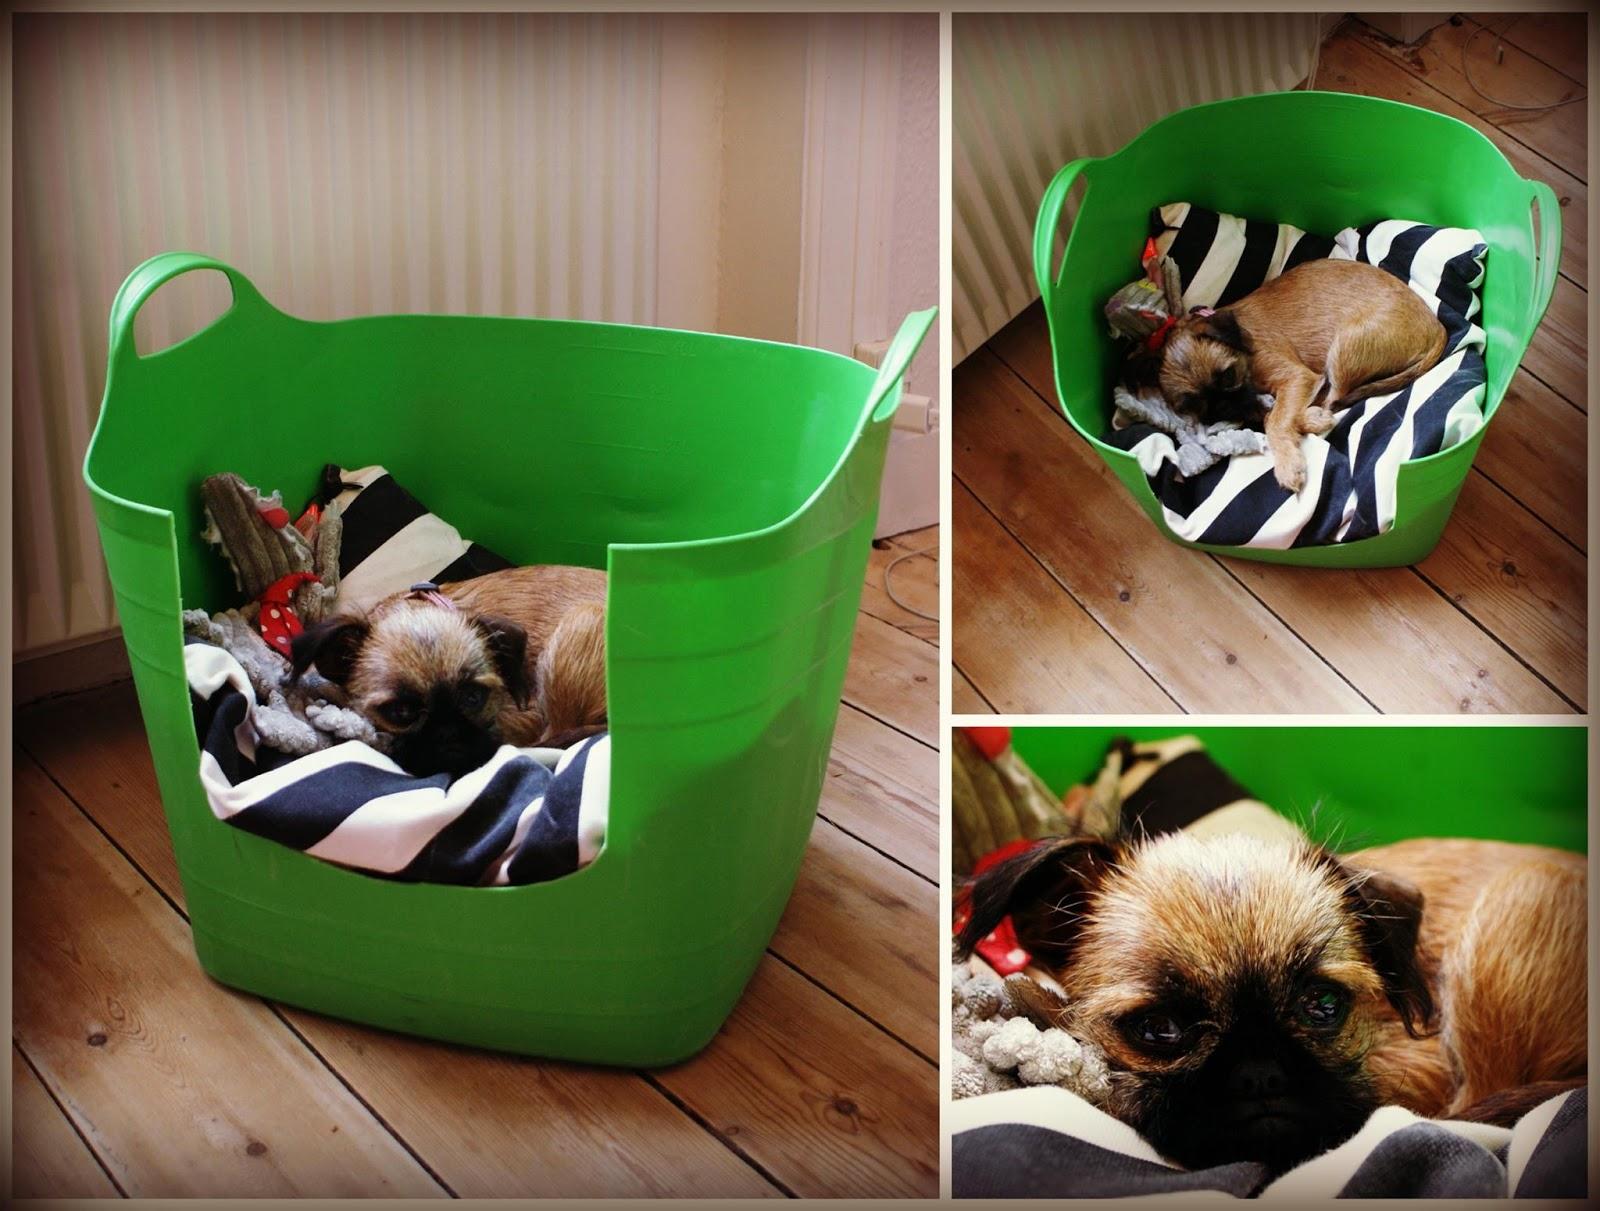 Mit kreative kaos : Lav selv en sjov hip hundeseng til ...